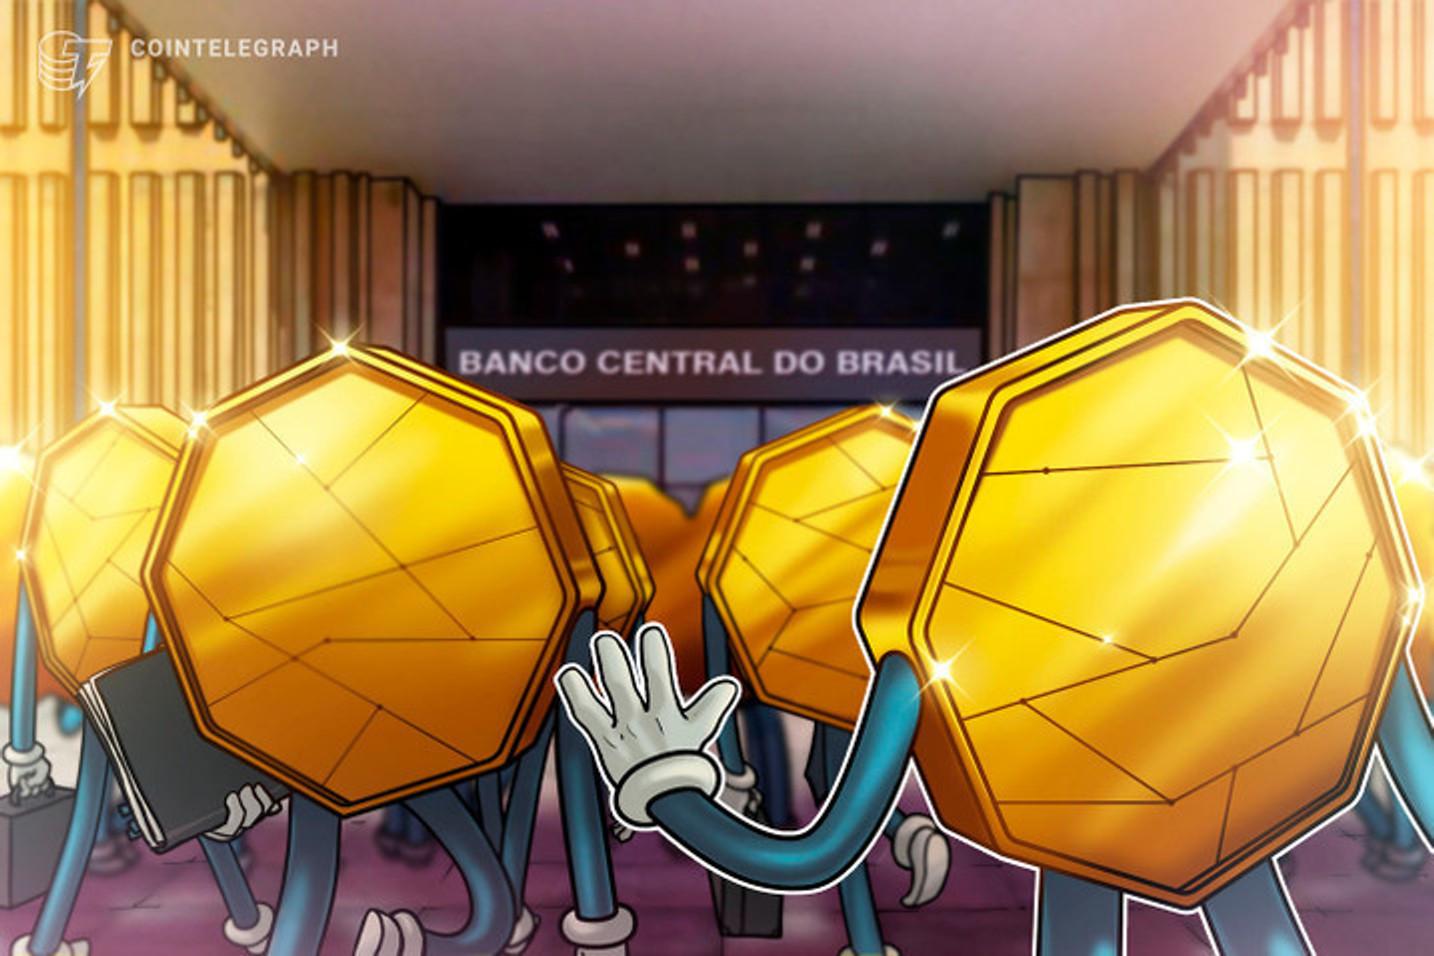 Depois do Pix: Brasil projeta 400 instituições de open banking em 2021